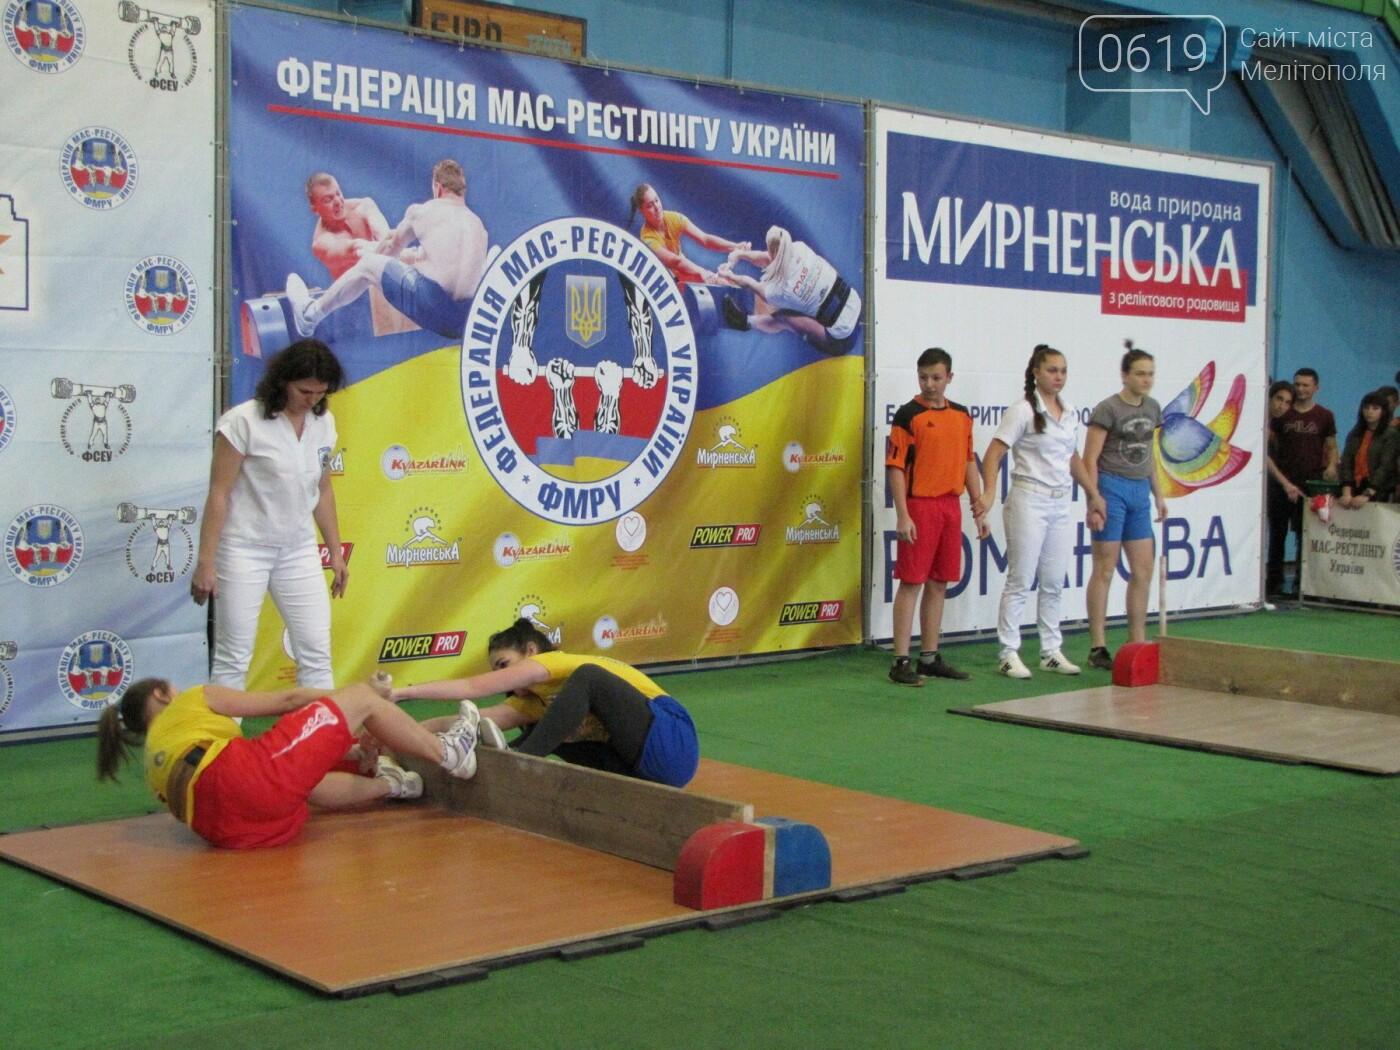 В Мелитополе на одном помосте сражались новички и титулованные мас-рестлеры , фото-12